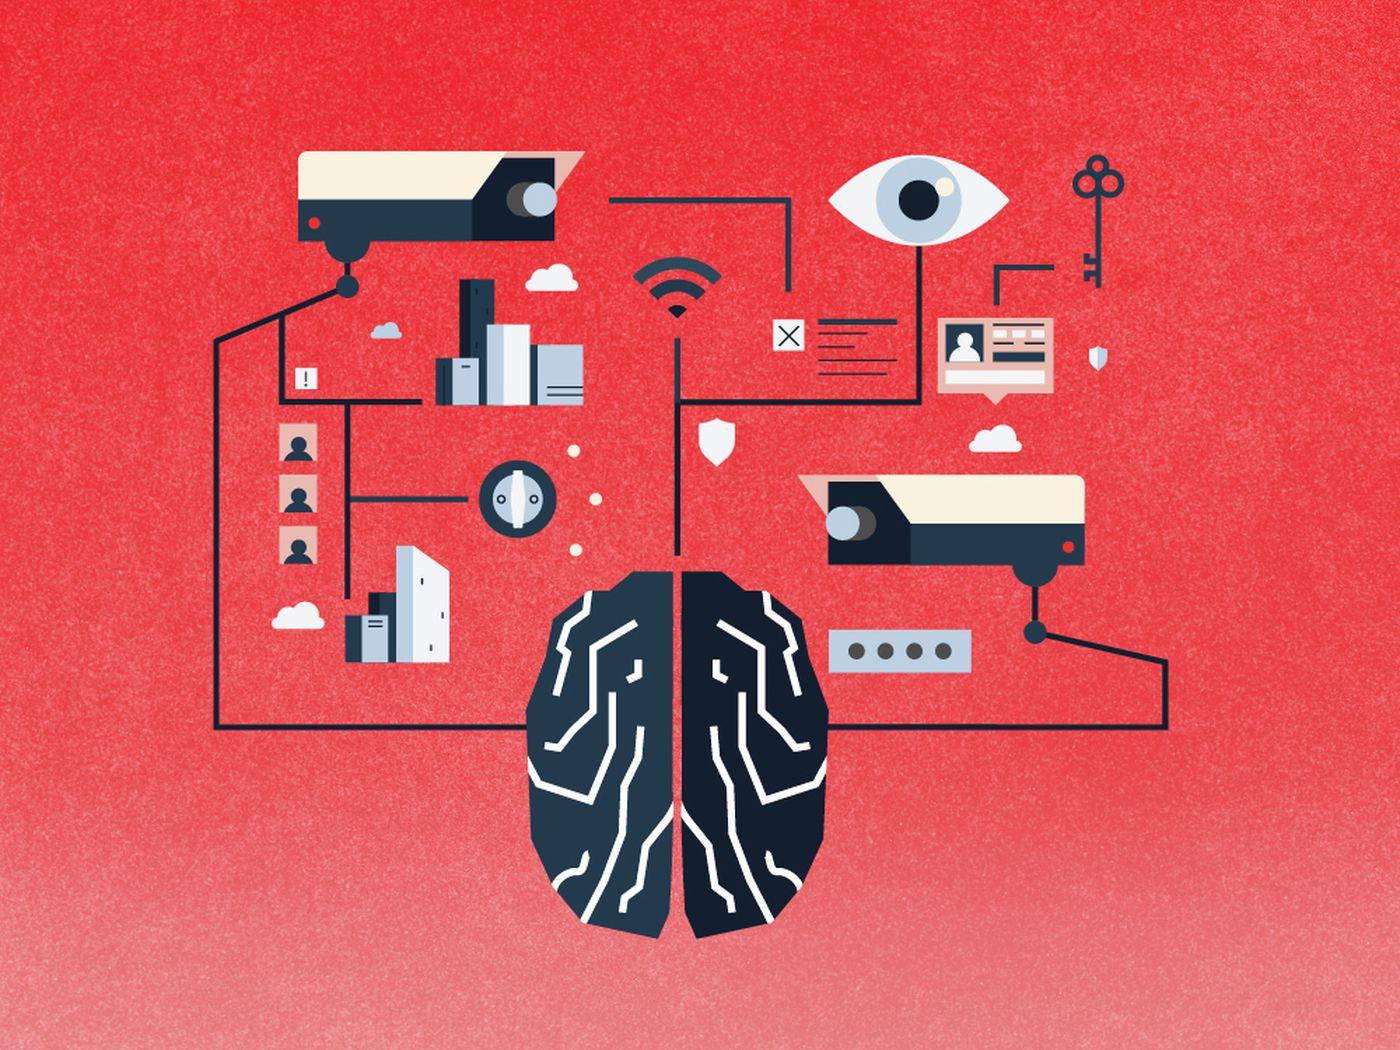 بحث جديد يعلم الذكاء الاصطناعي آلية حركة البشر باستخدام فيديوهات الإنترنت